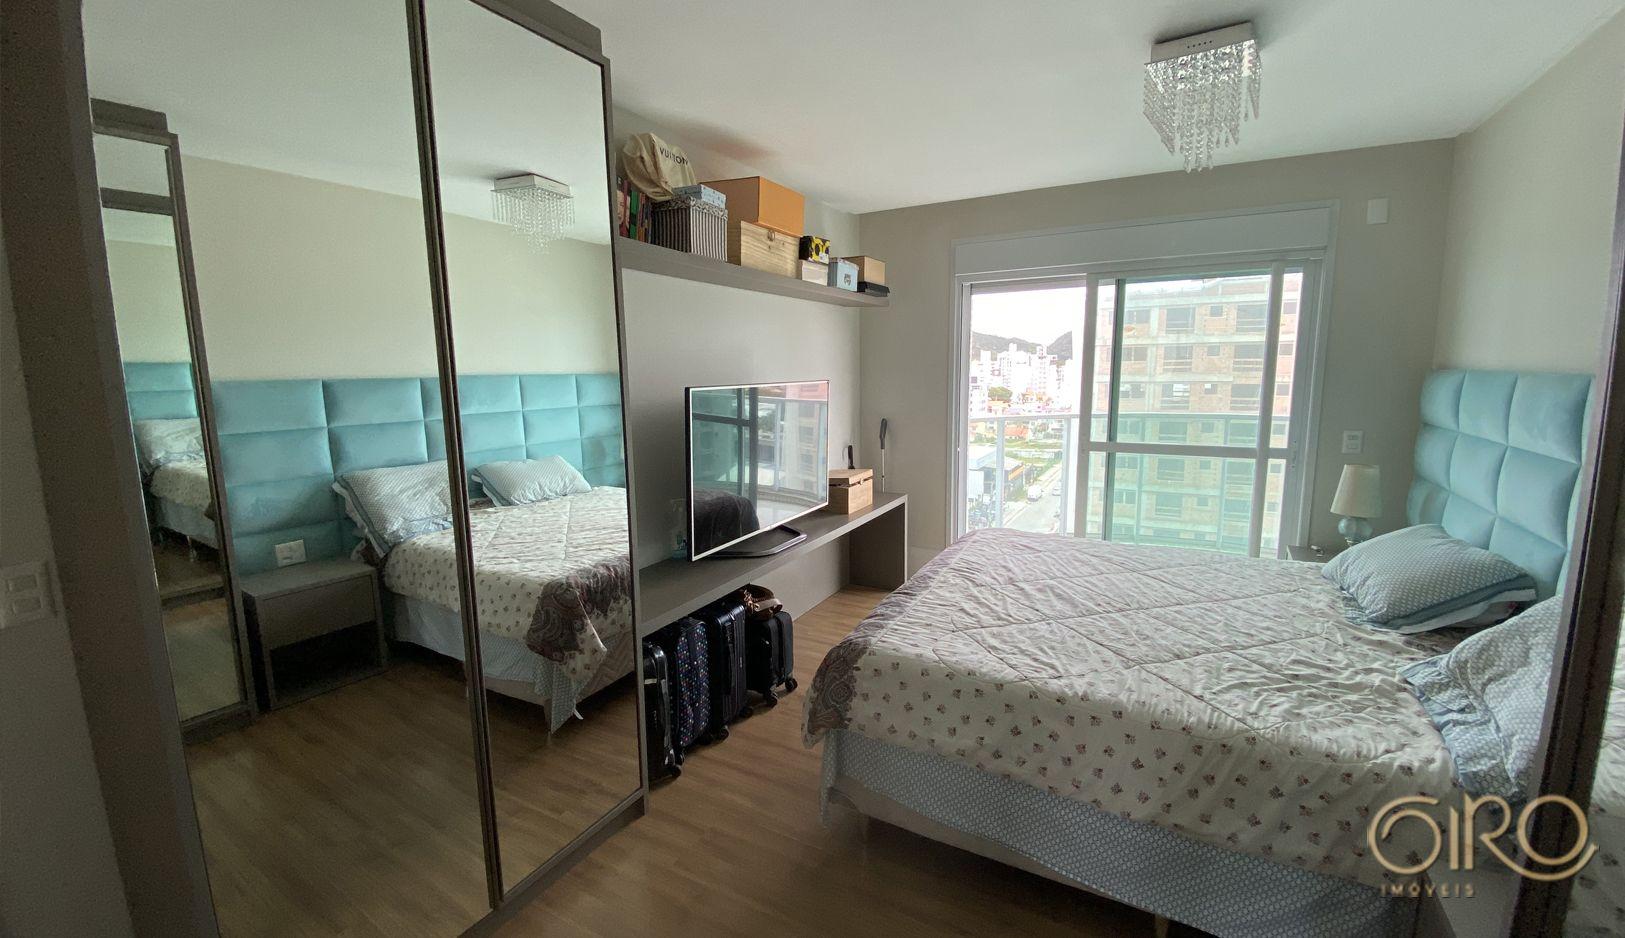 Apartamento Mobiliado e Equipado no Brava Beach Internacional Aroeira na Praia Brava